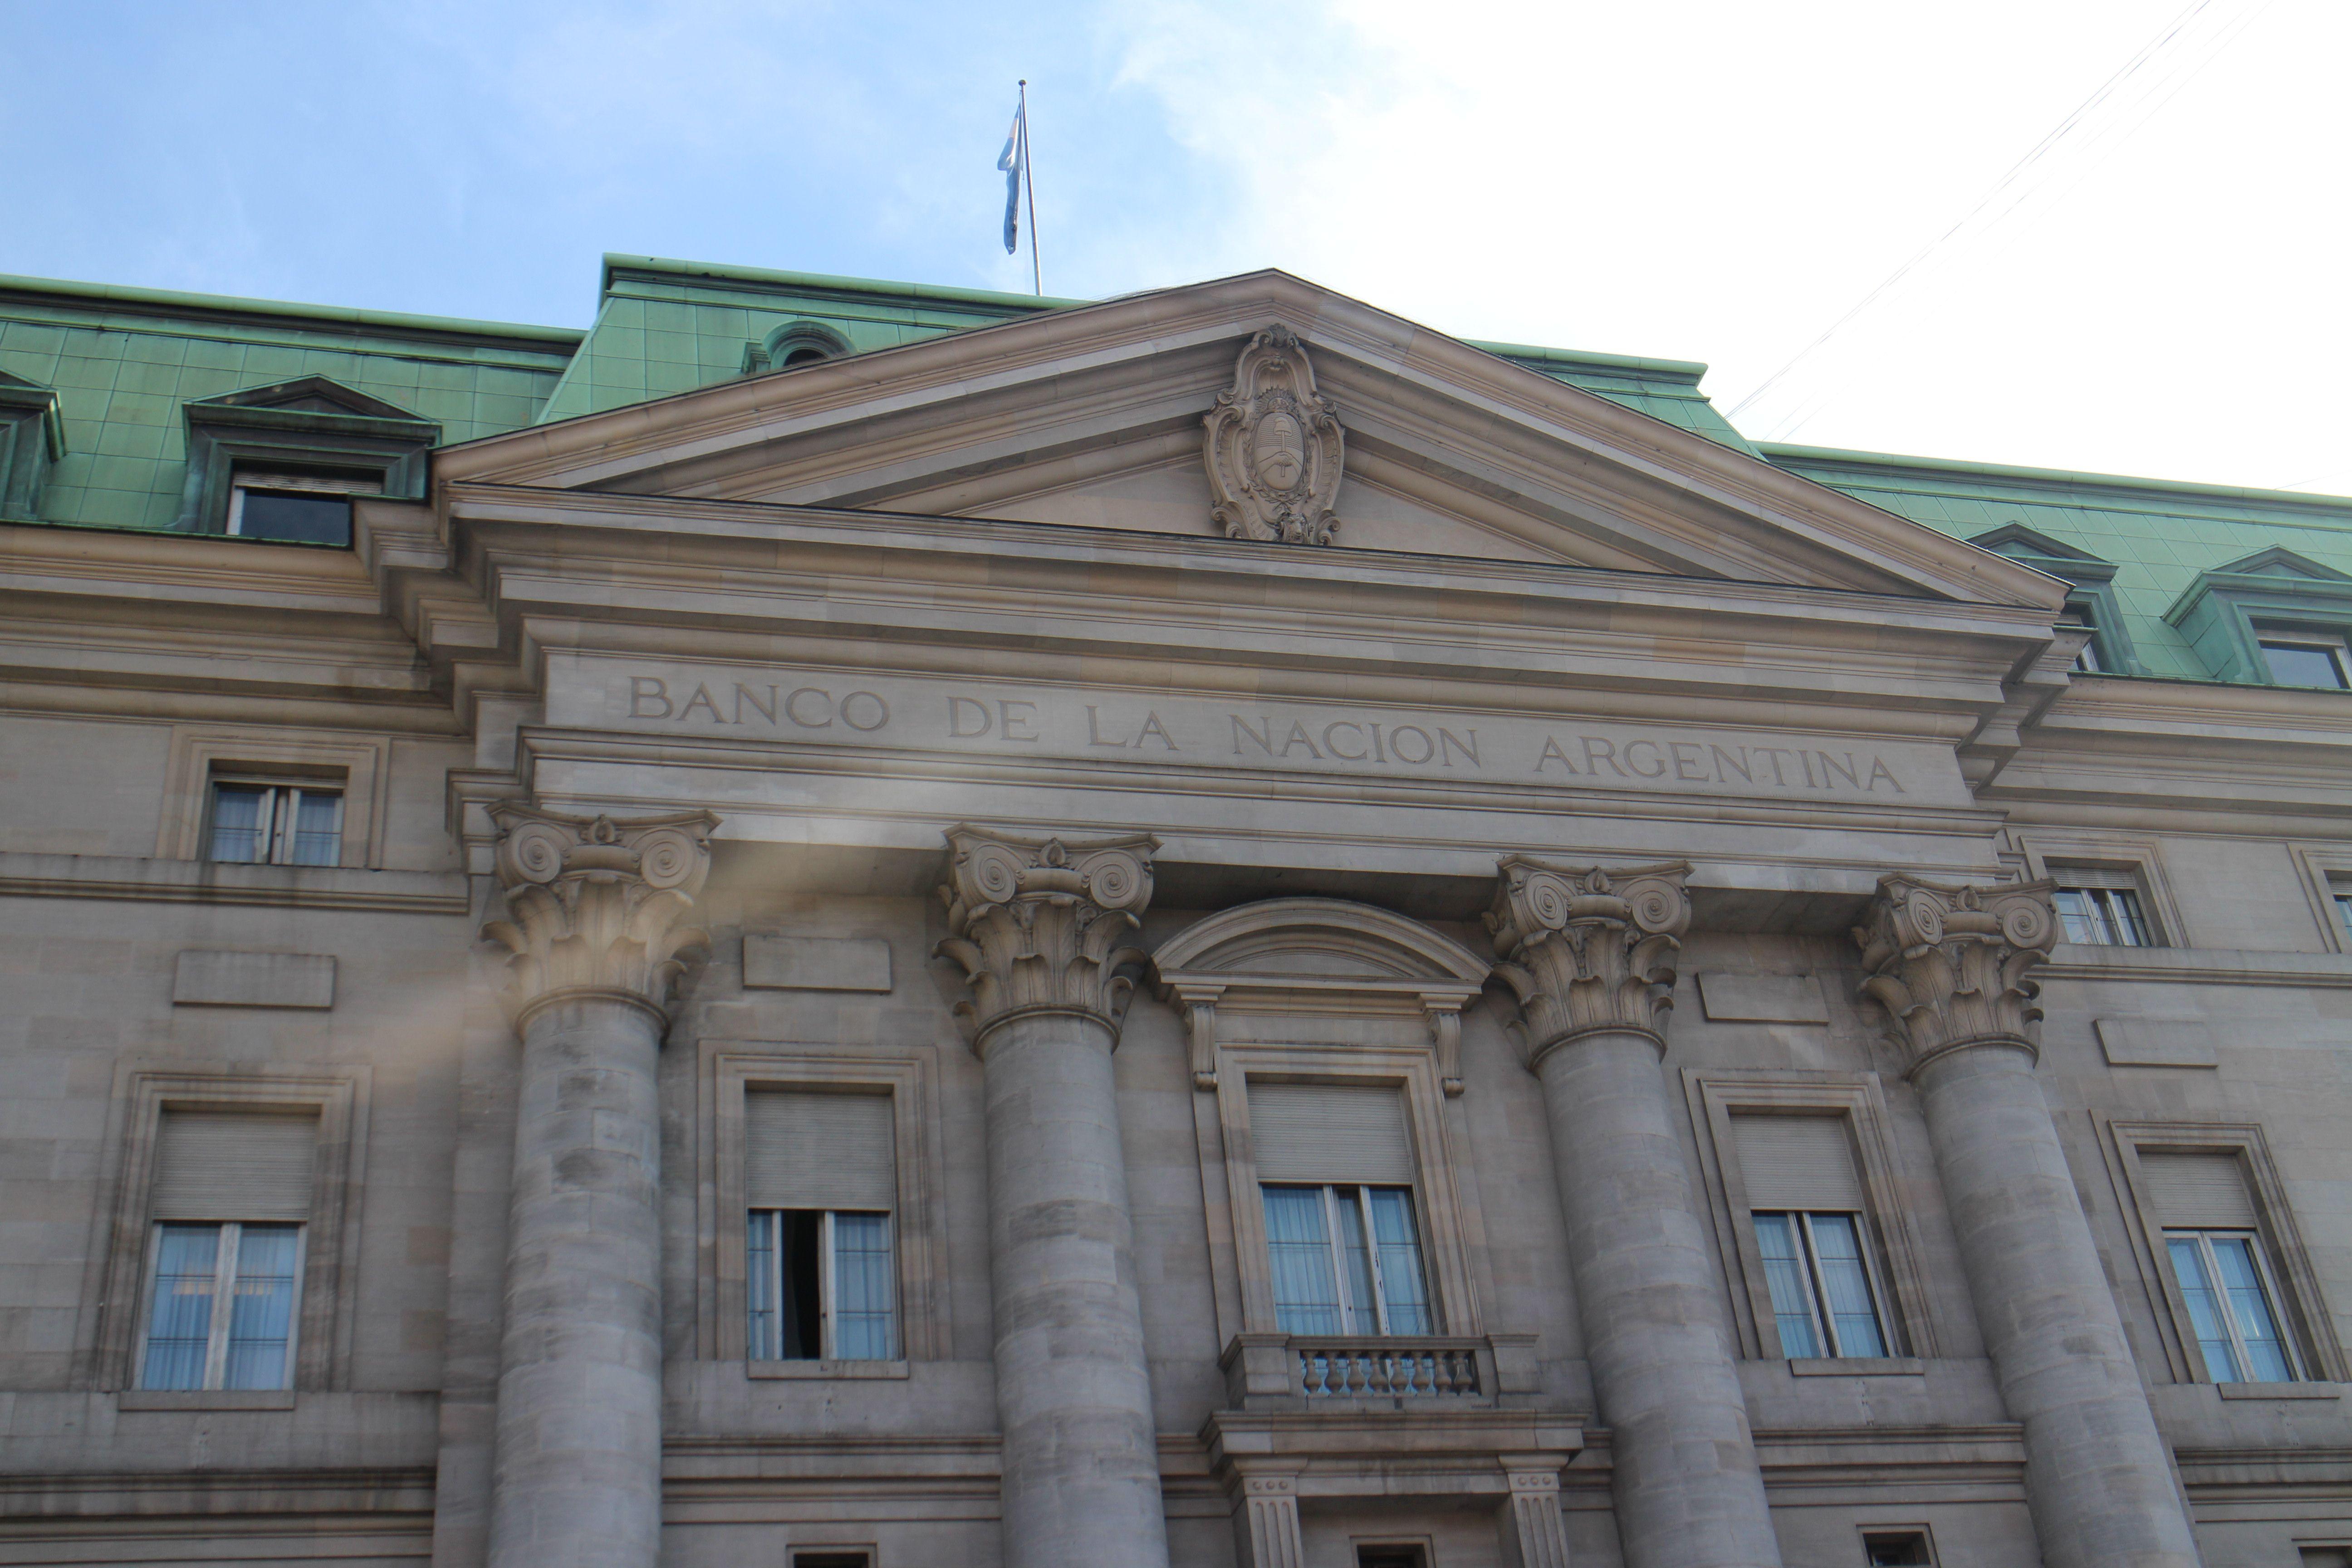 Atención ahorristas: bancos suben tasas de interés para los plazos fijos